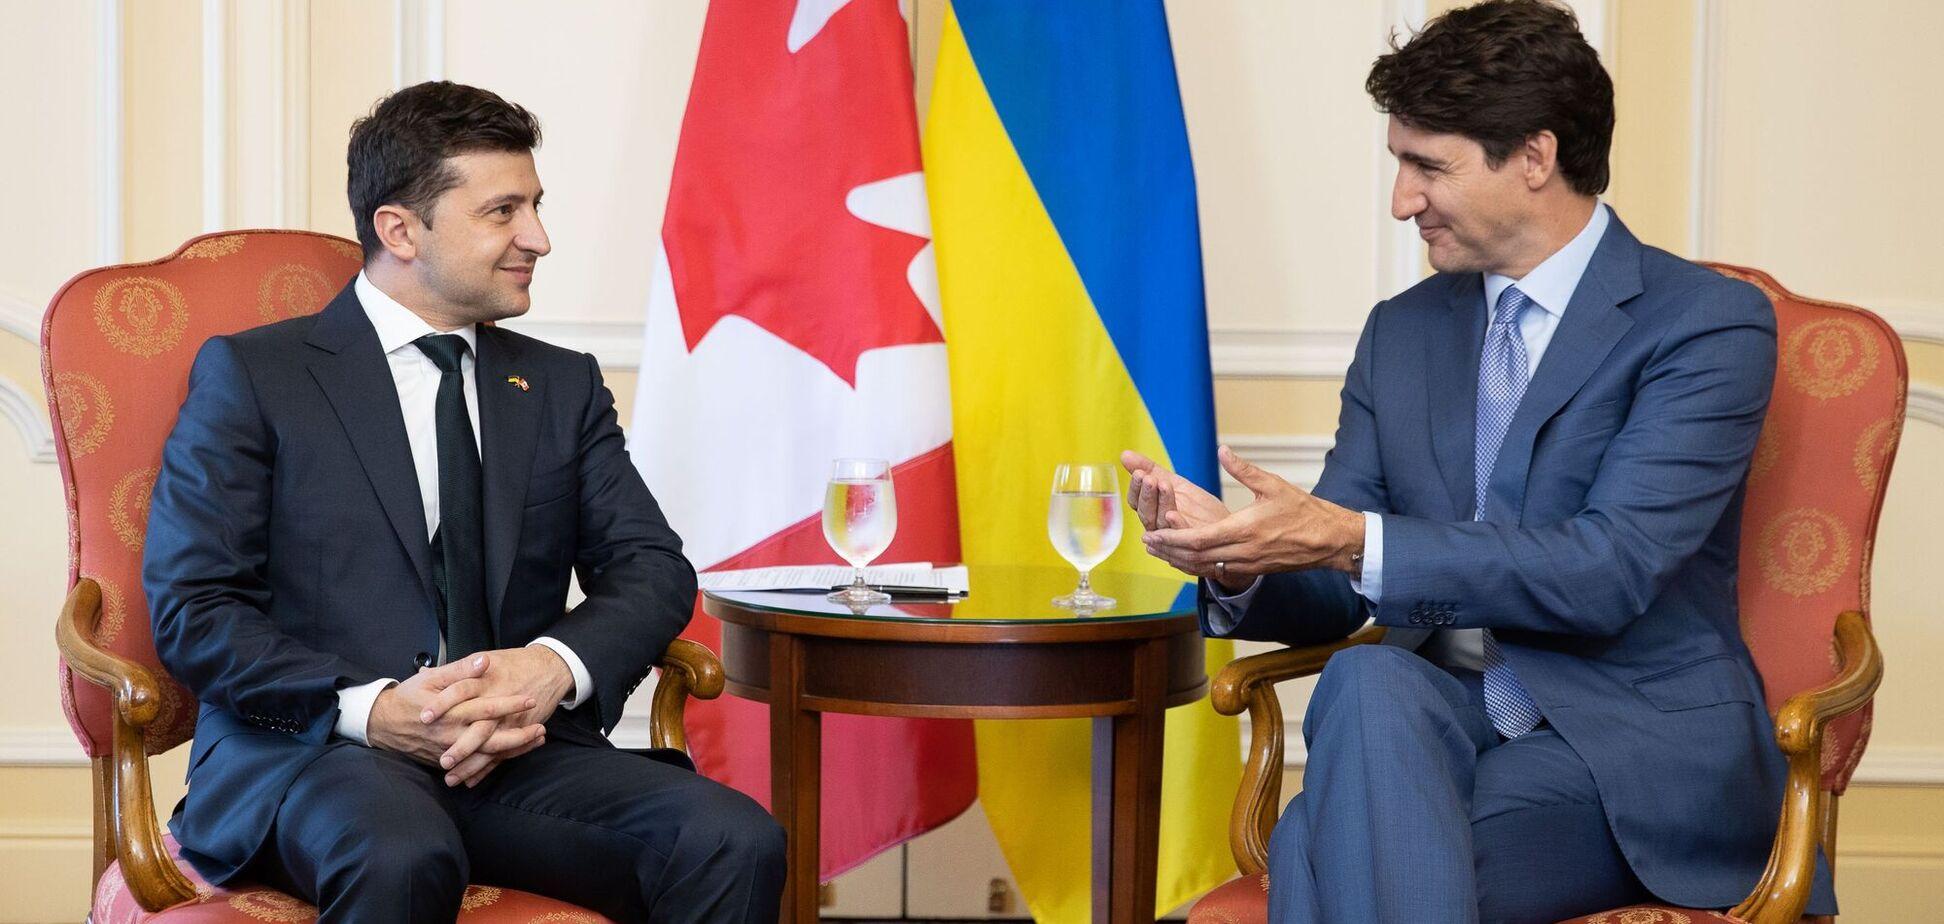 Президент України Володимир Зеленський і прем'єр-міністр Канади Джастін Трюдо